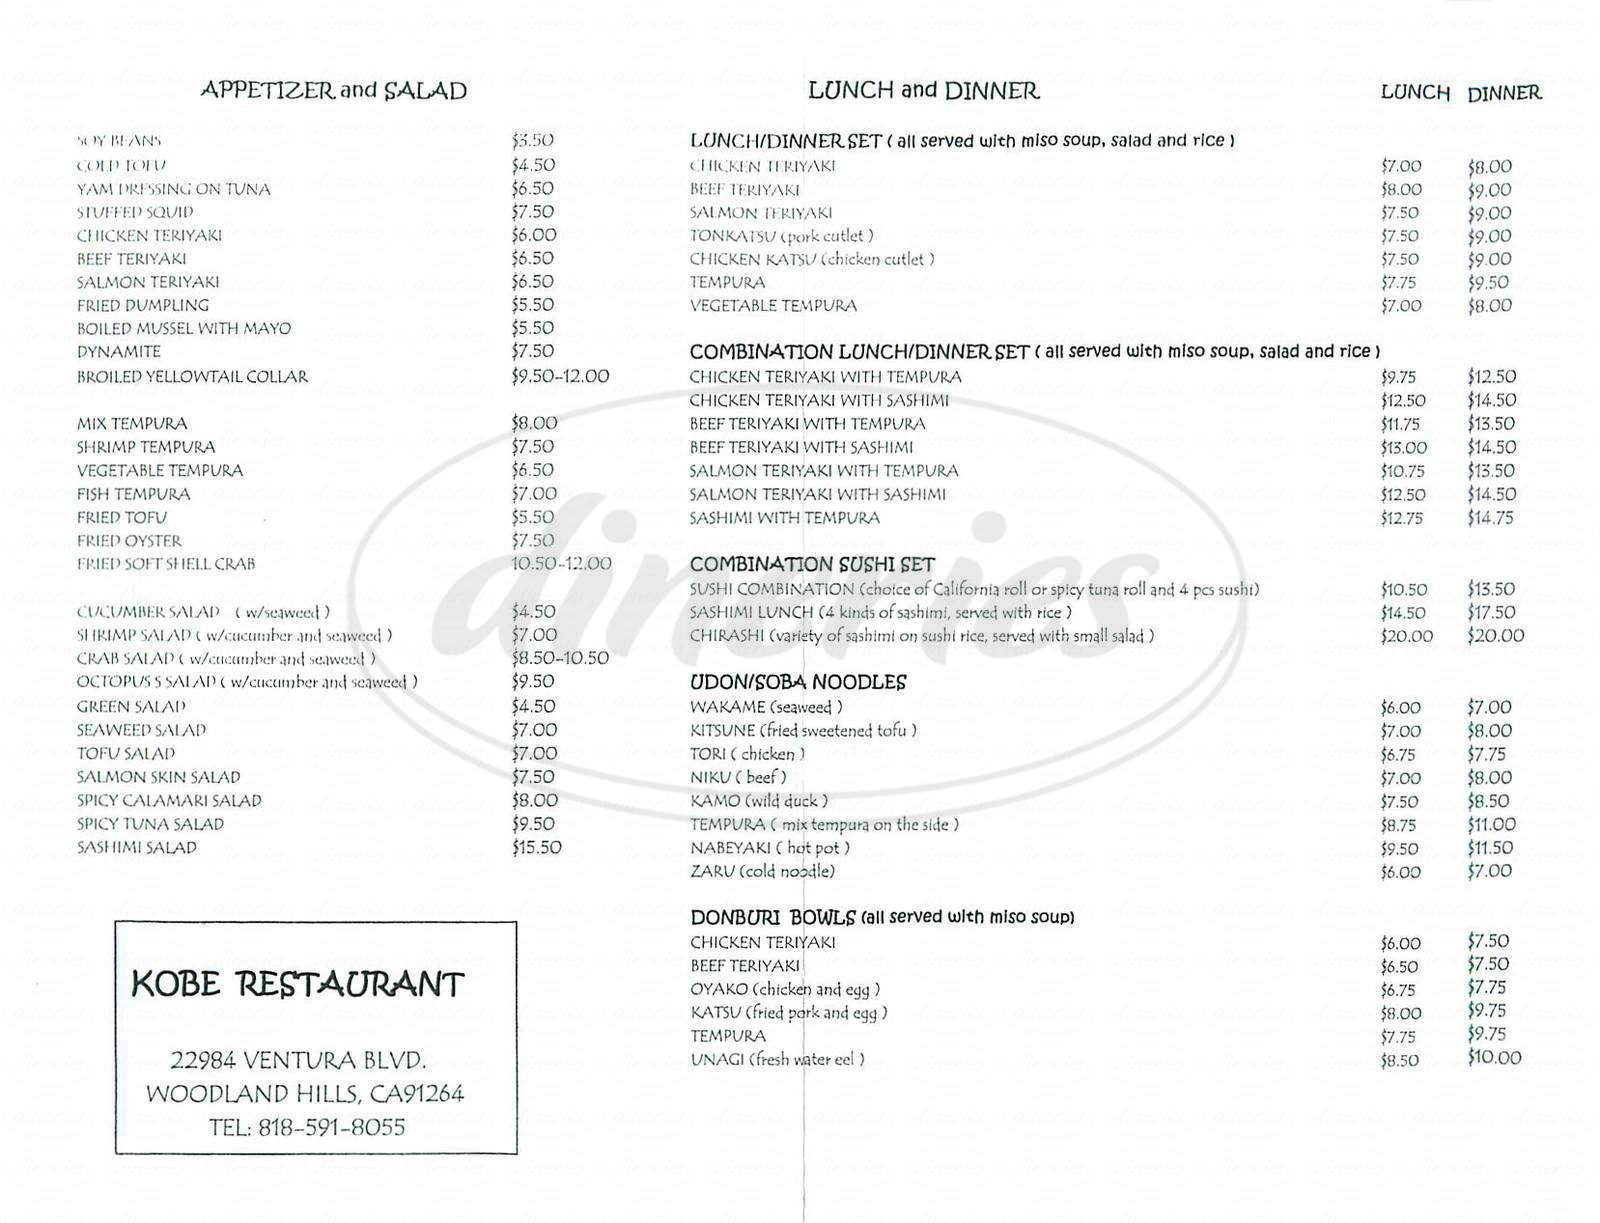 menu for Kobe Restaurant